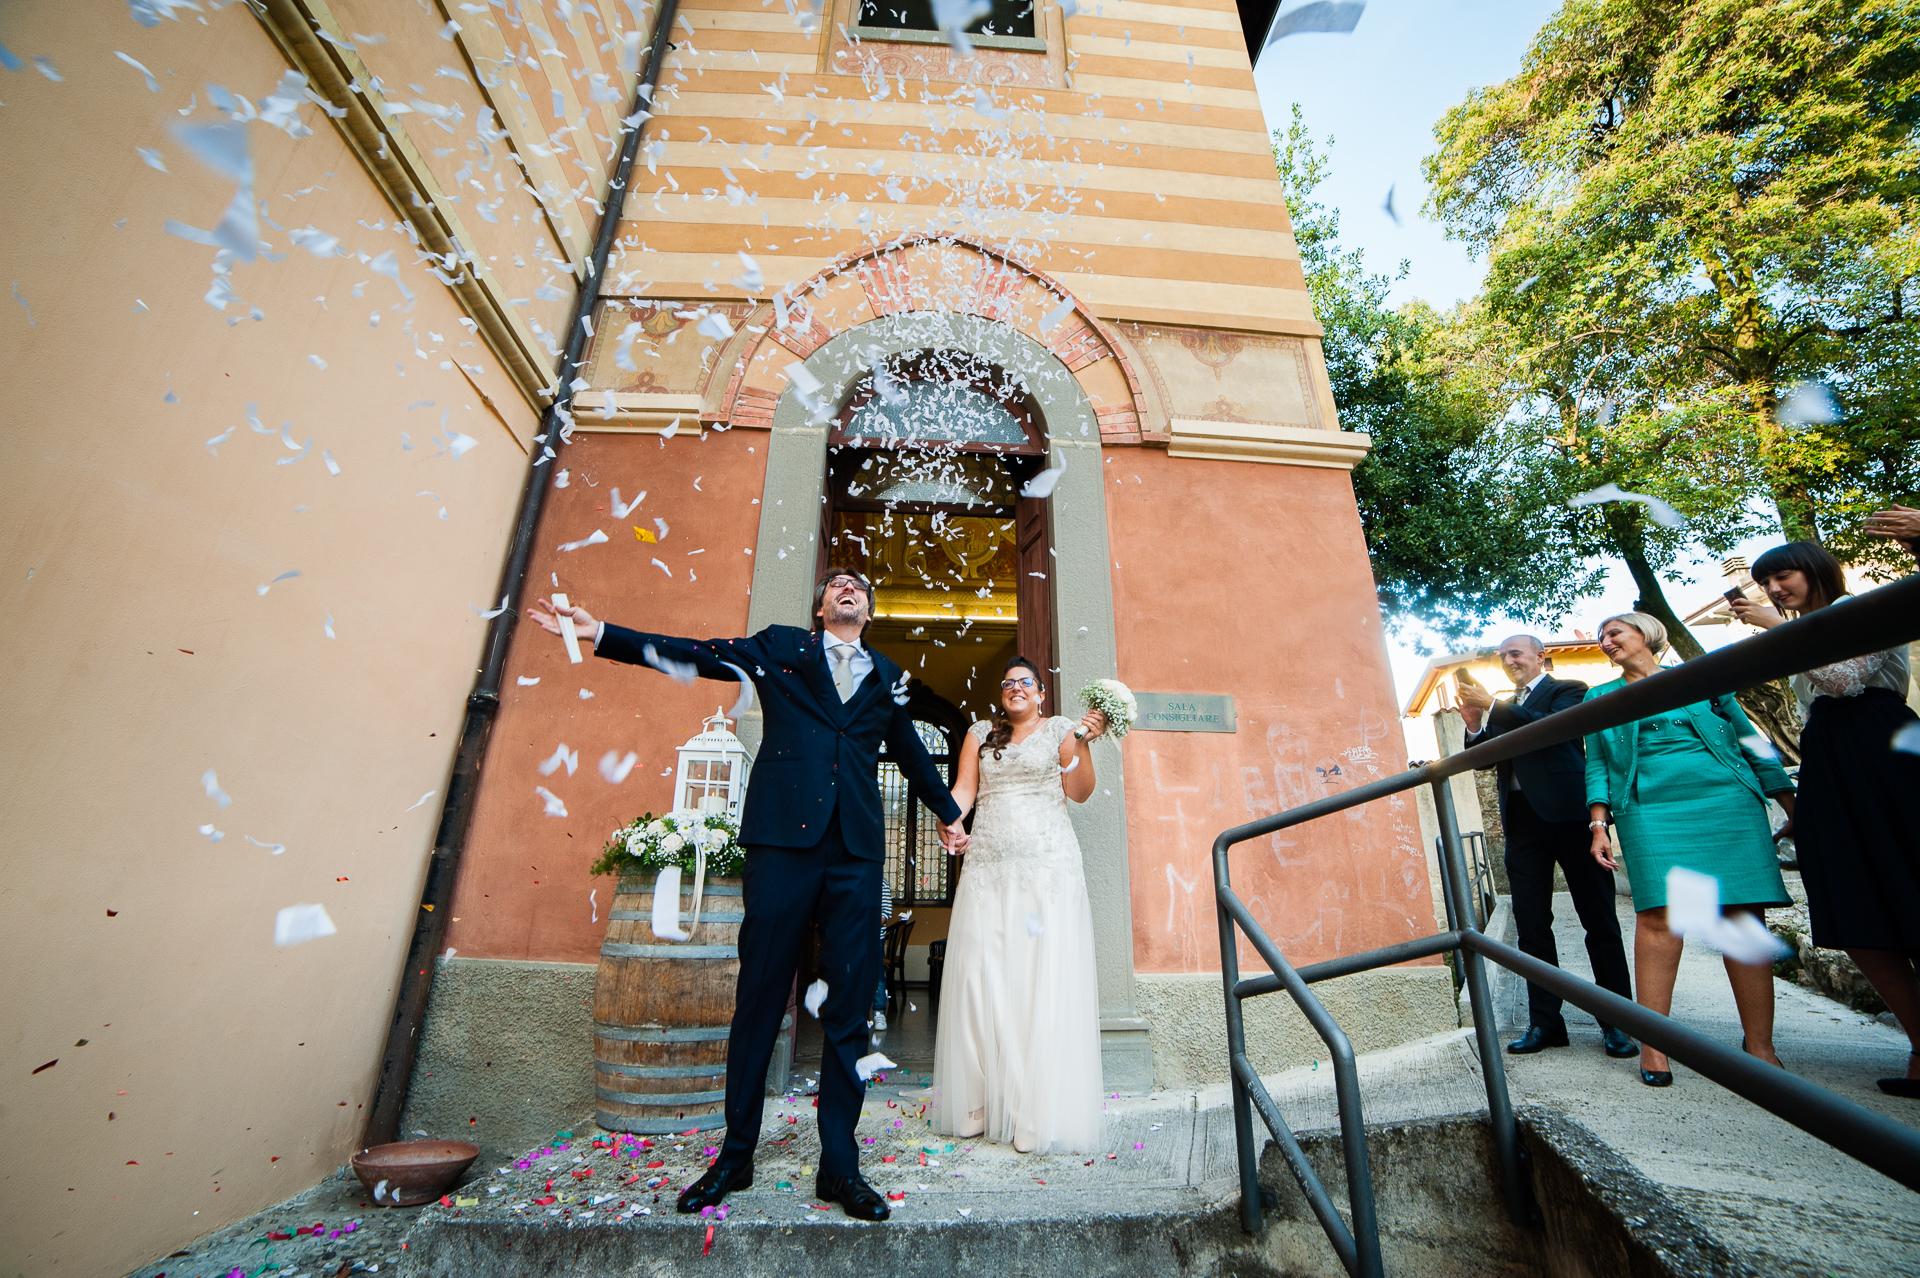 Eloping-Paar nach ihrer Erbusco-Rathauszeremonie - BS | Das Brautpaar verlässt das Rathaus zwischen Konfetti, die über ihm fliegen.